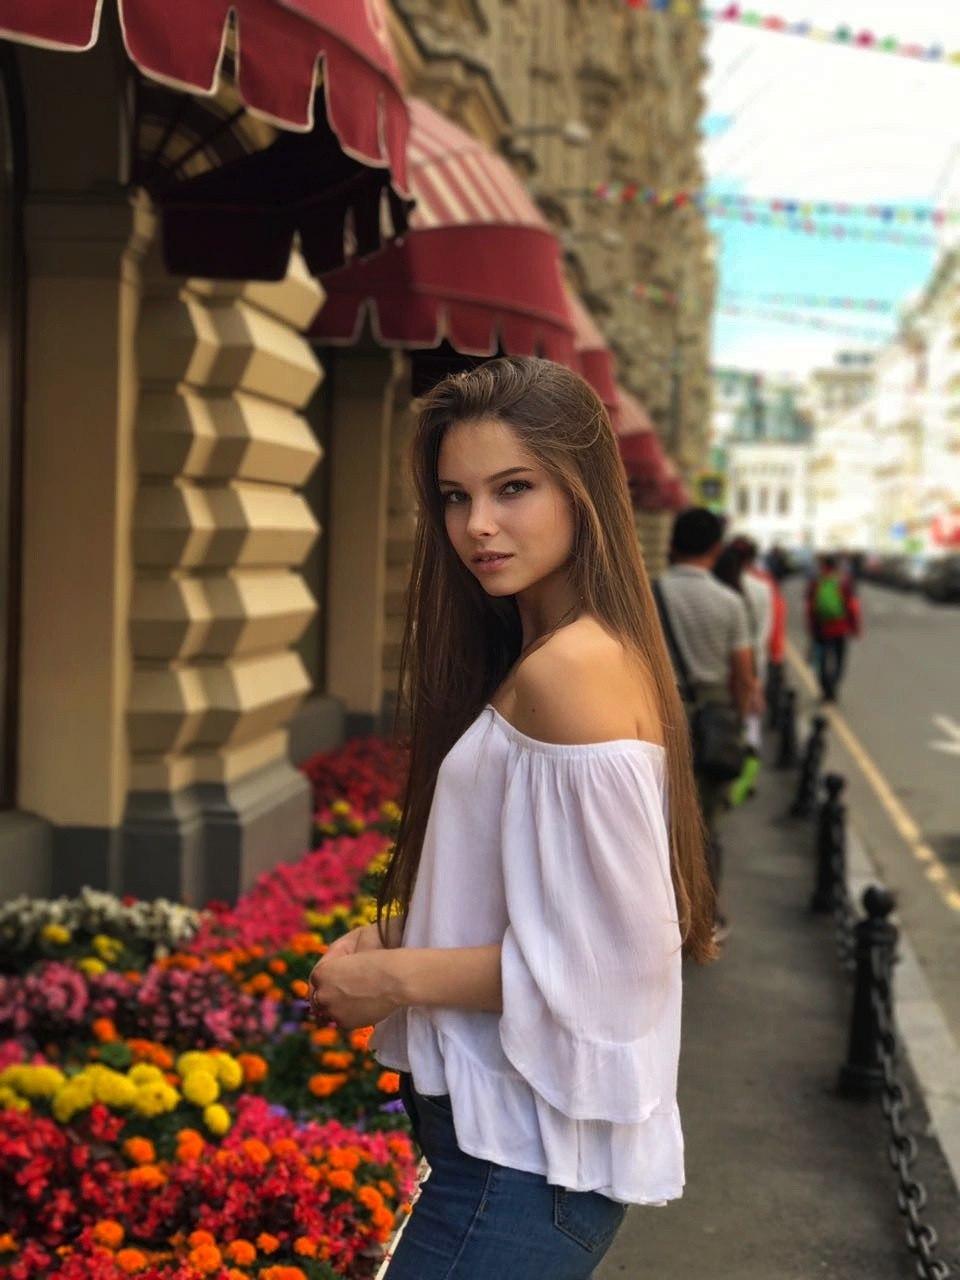 Чувашка стала первой красавицей России! ЧУВАШИЯ РУЛИТ!